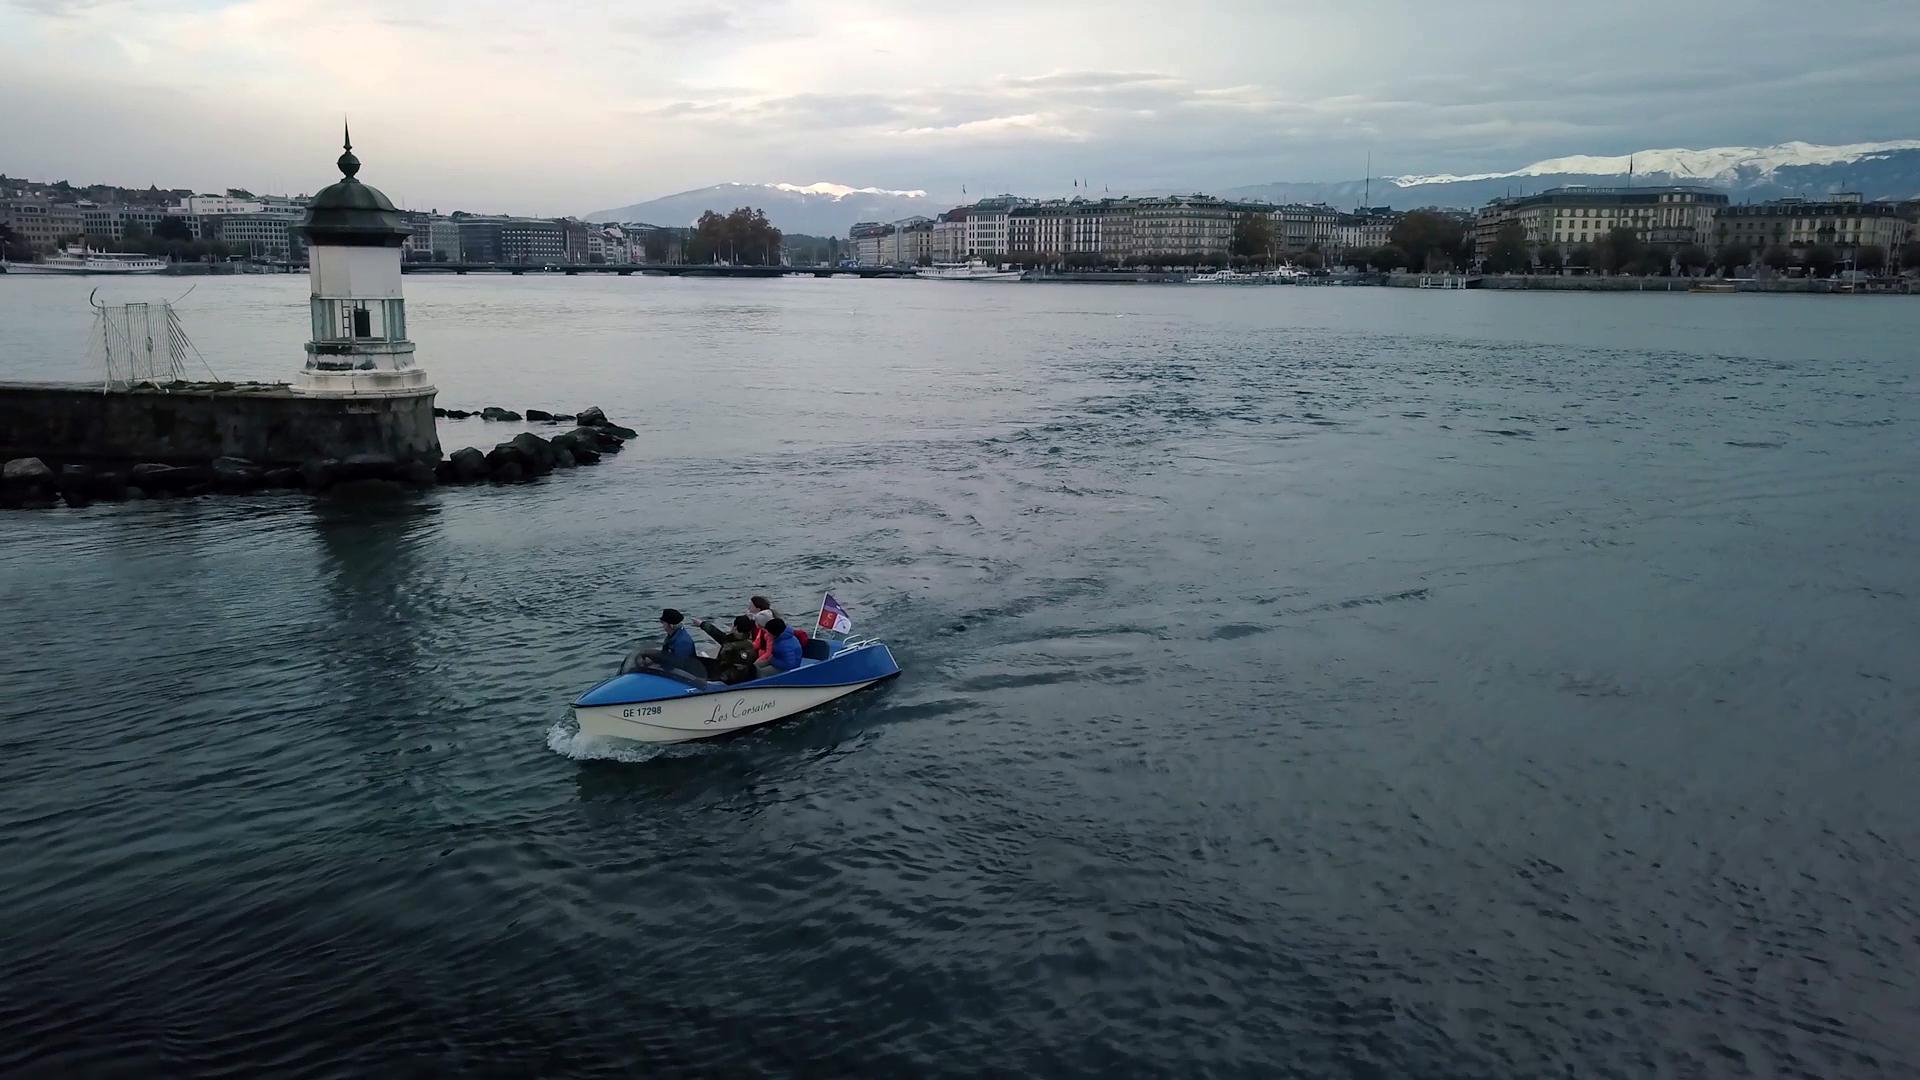 Pour leurs sorties en bateau sur le lac Léman, les Petitpierre préfèrent le bateau électrique.